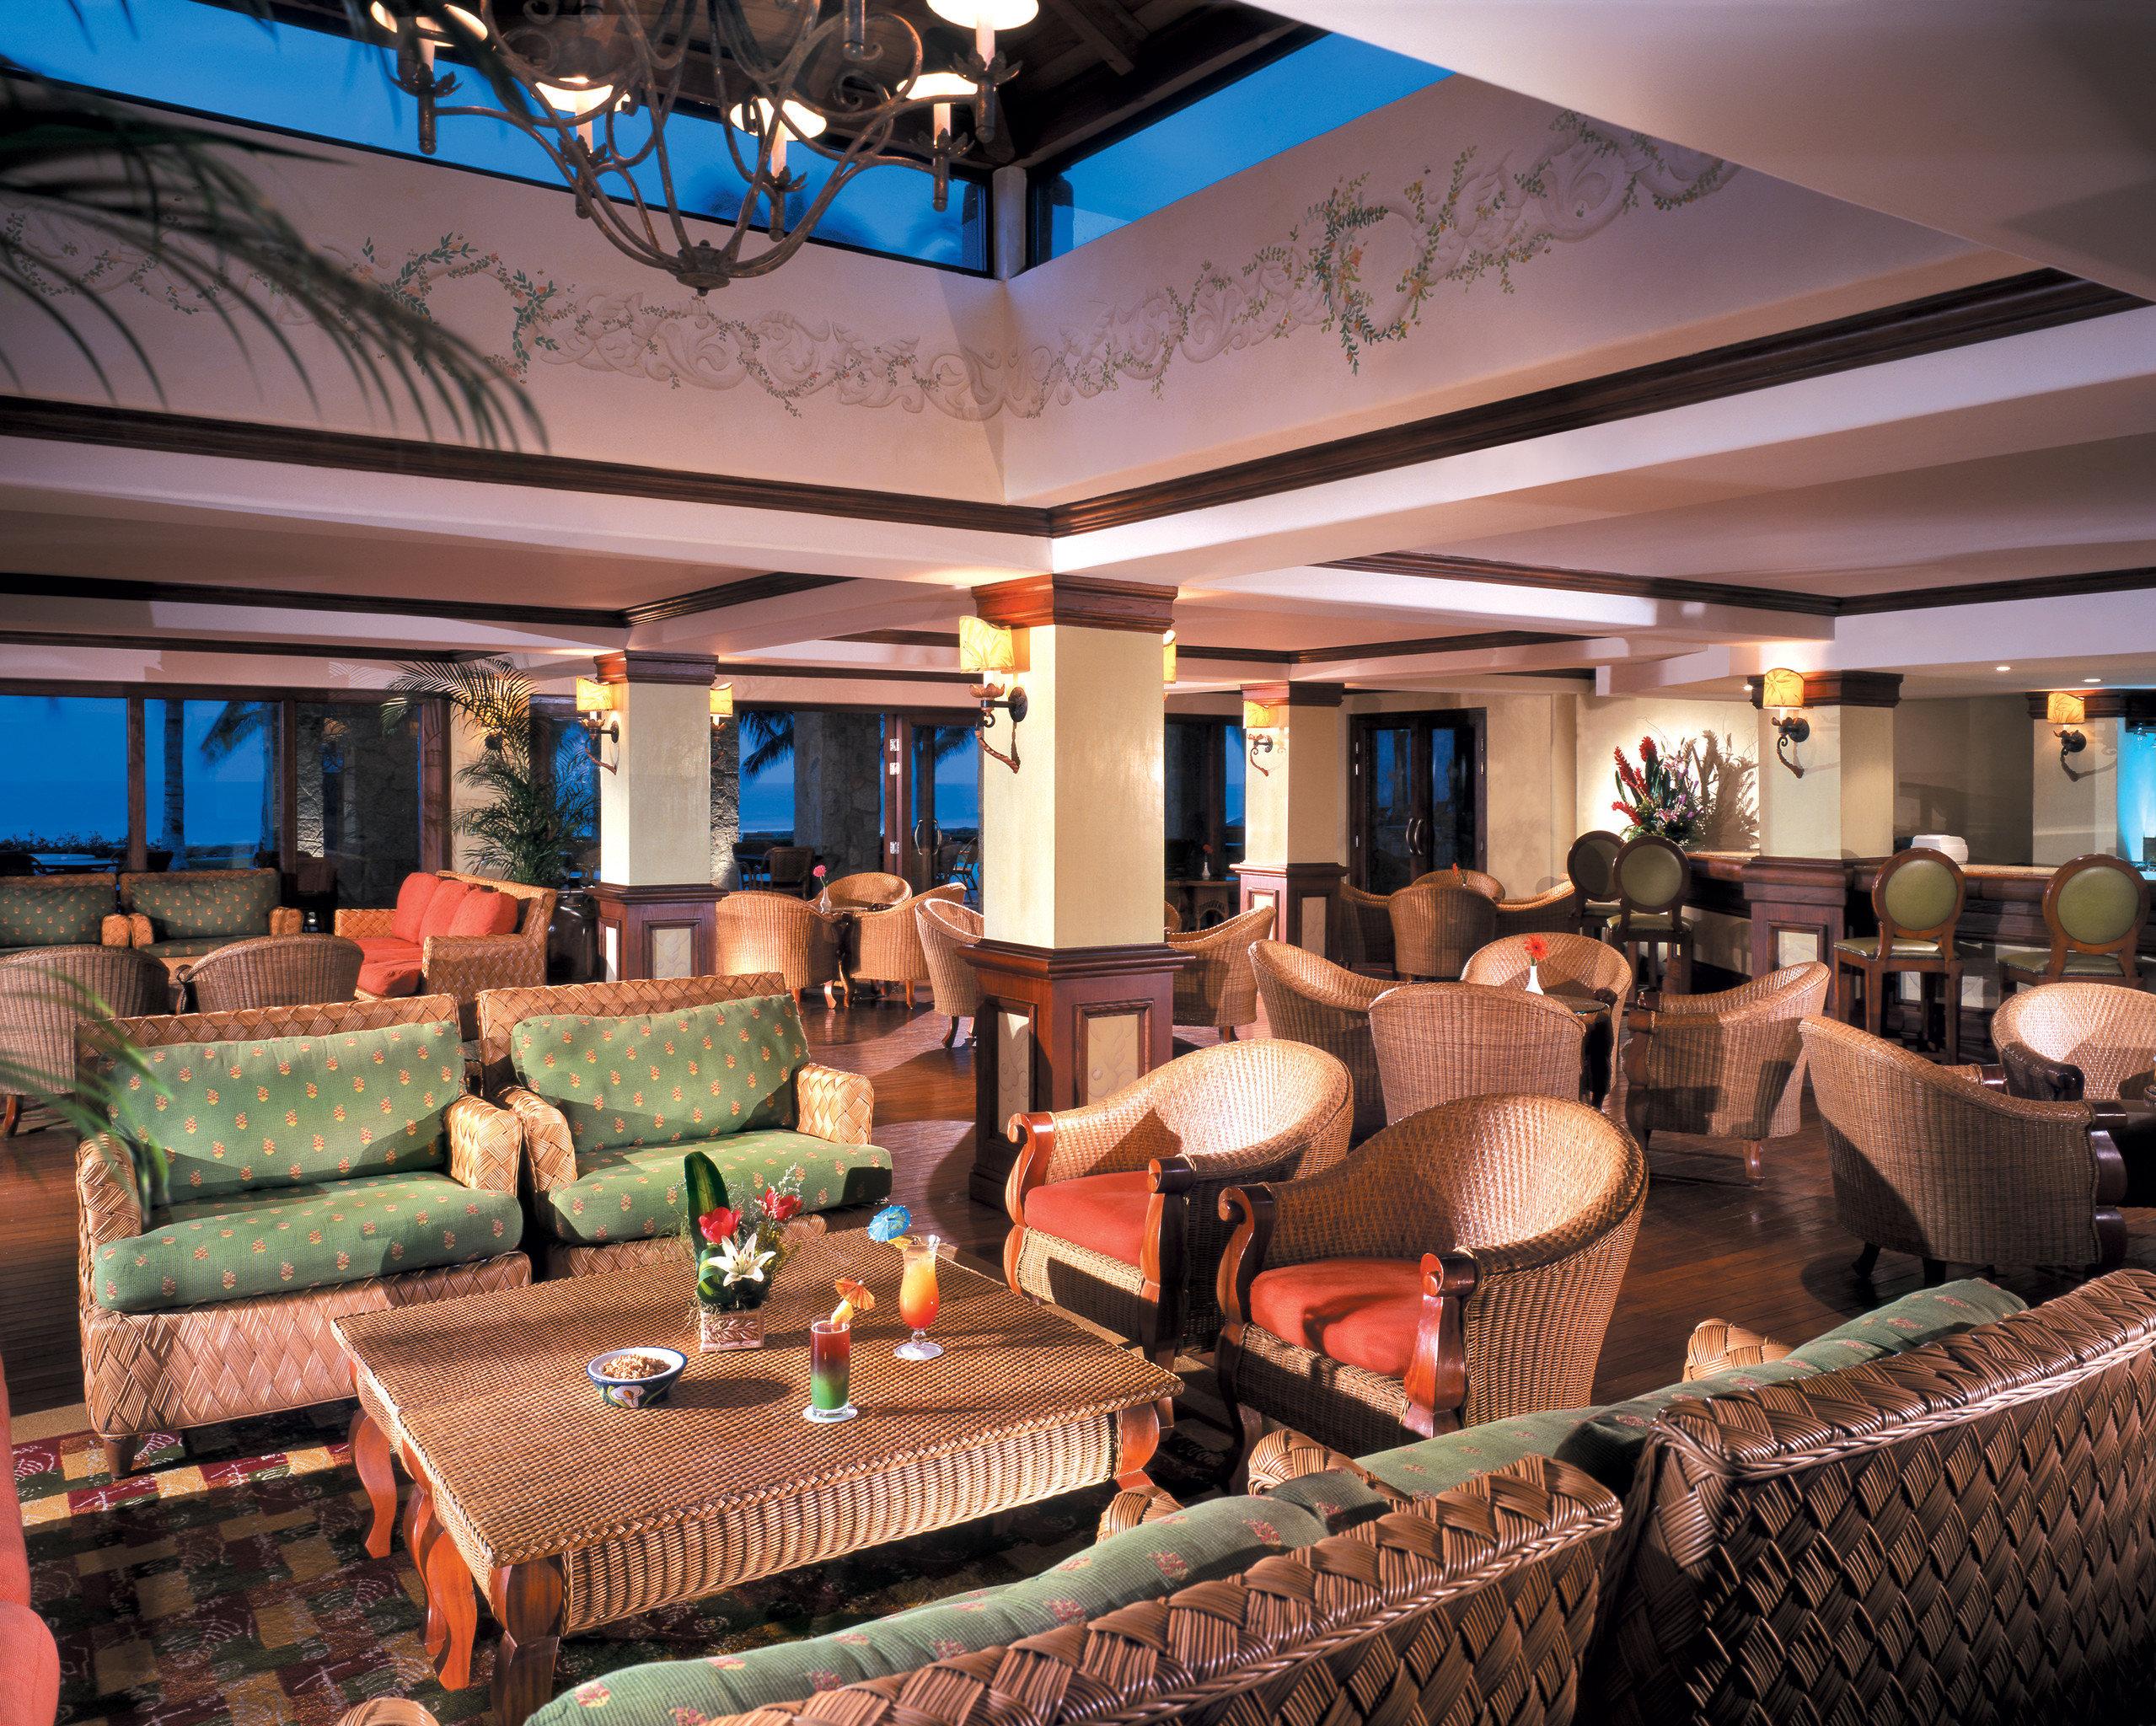 sofa property Resort Lobby recreation room restaurant function hall living room Bar Villa